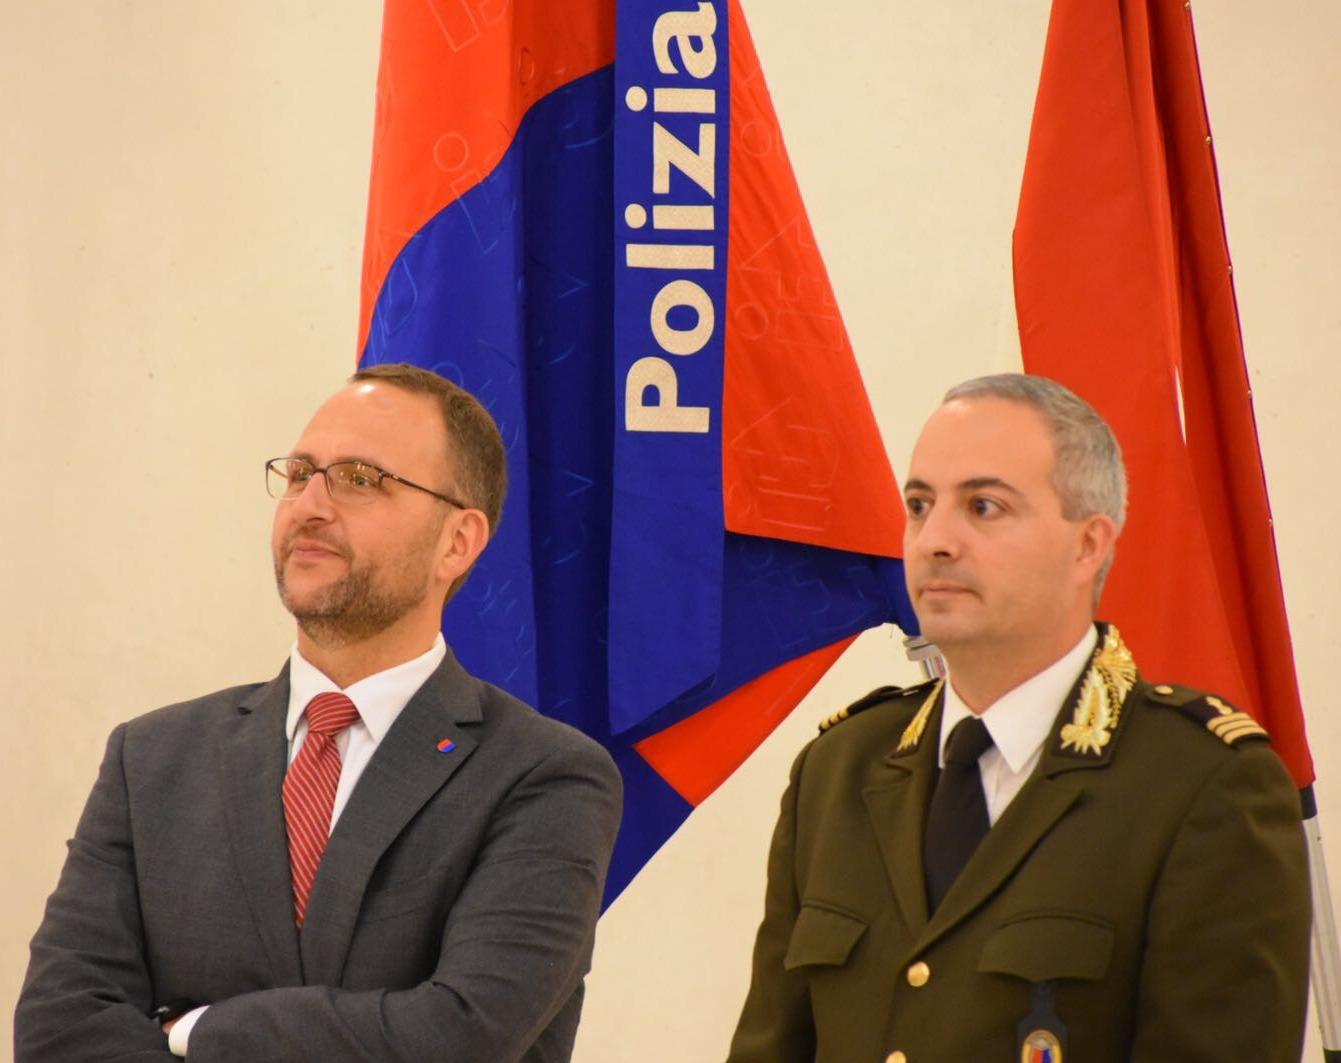 Polizia cantonale: più professionale, moderna e orientata al futuro